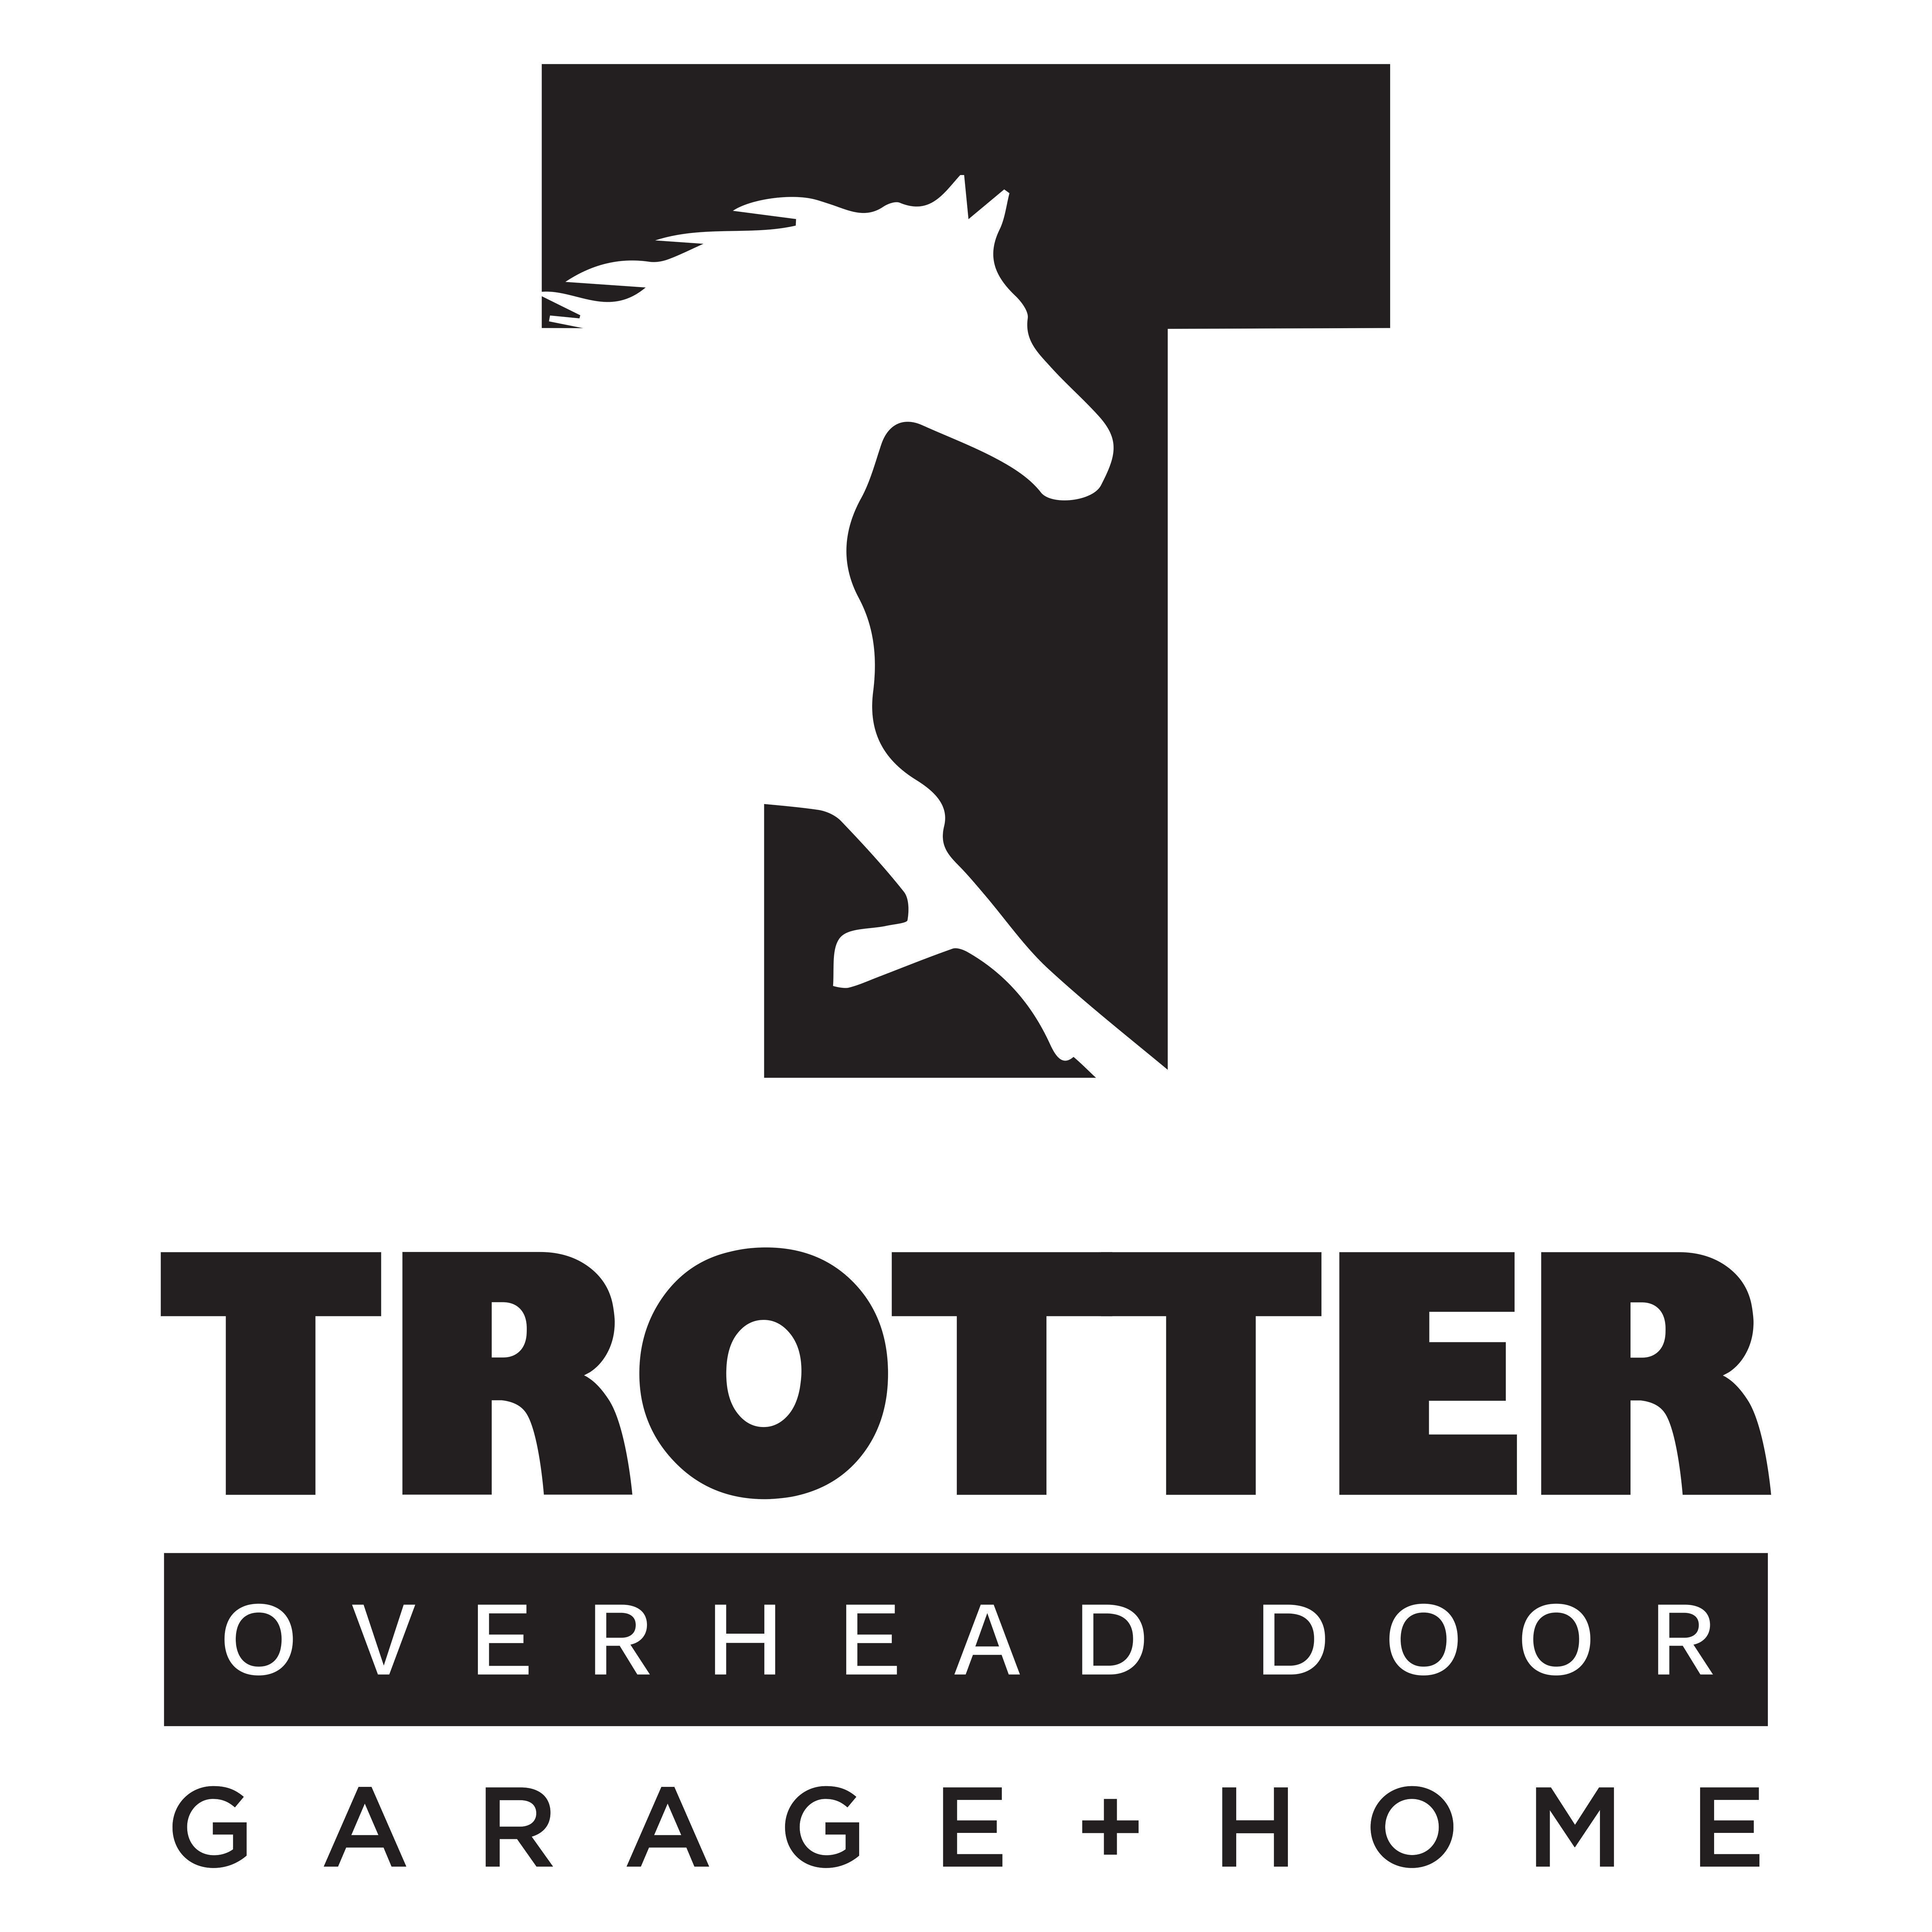 Trotter overhead door garage home in edmond ok 73013 for Garage door repair edmond ok